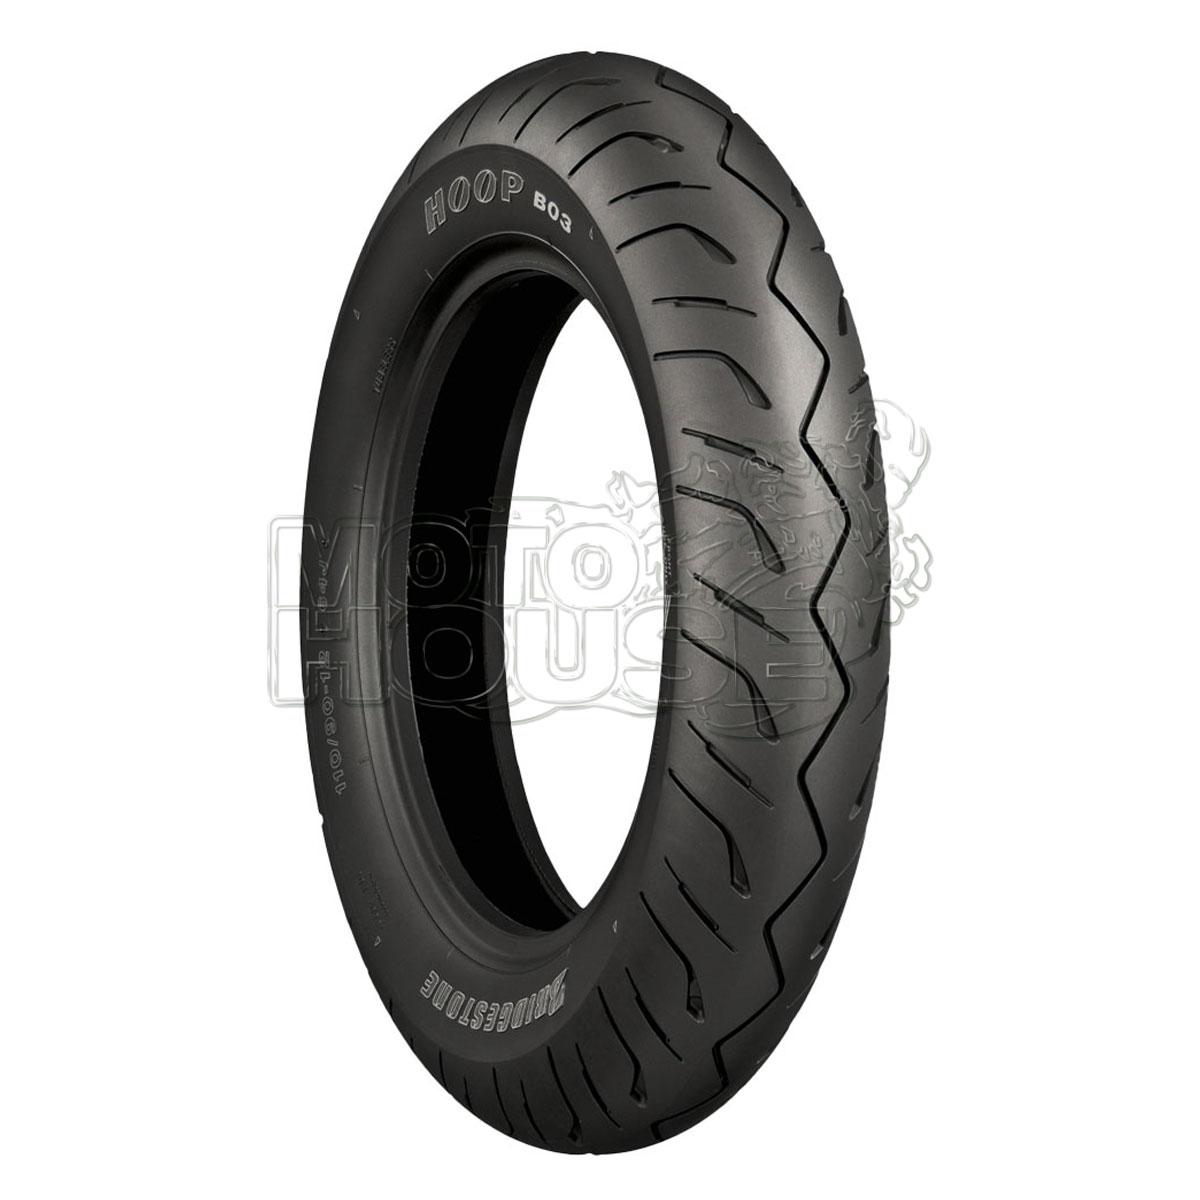 Llanta Para Motocicleta Bridgestone Hoop B03 120/70-13 55h